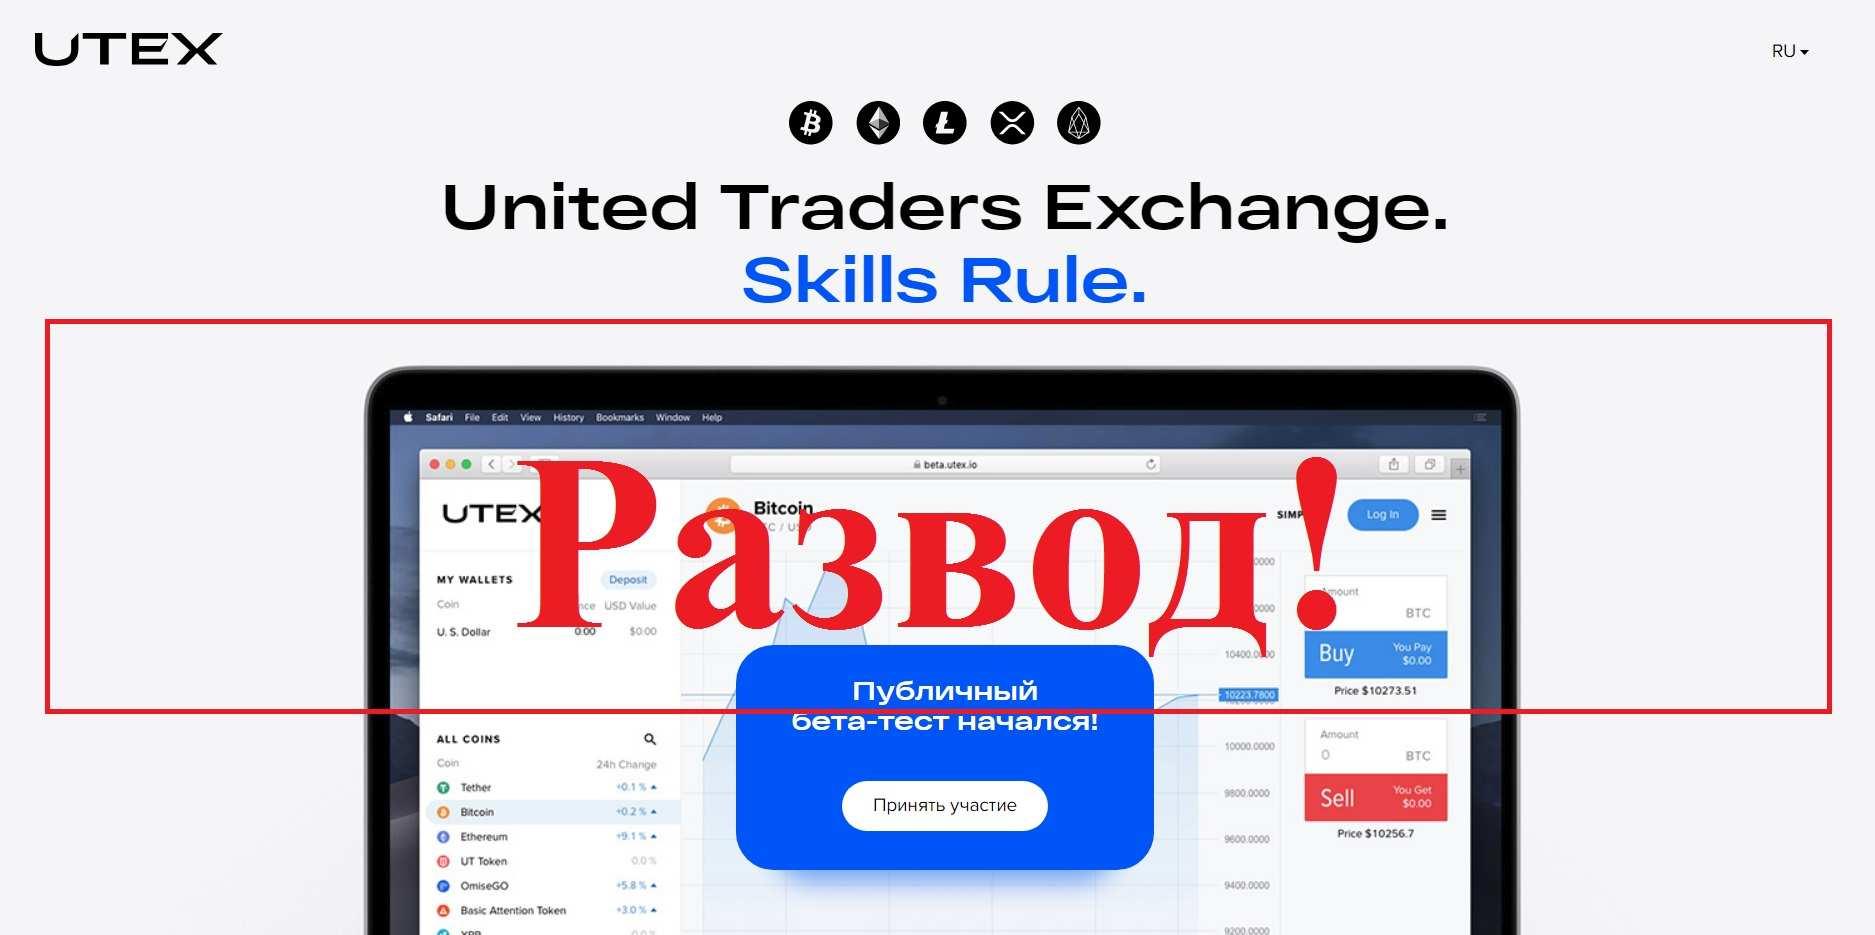 United Traders – отзывы о брокере unitedtraders.com